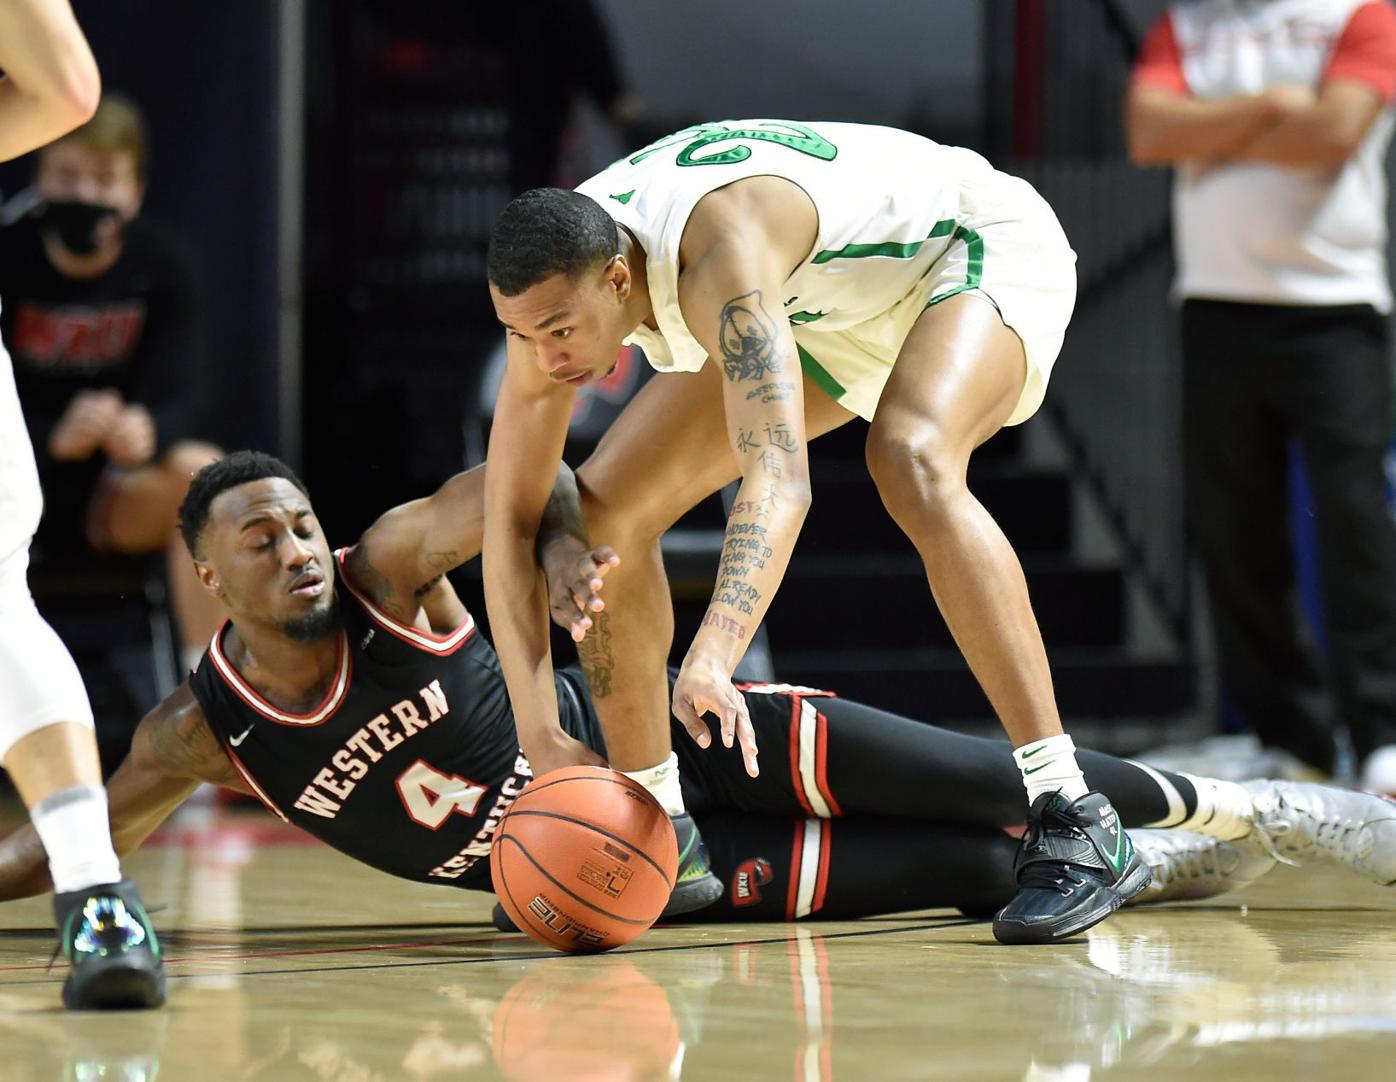 NCAA Men's Basketball 2021: Marshall vs WKU Gm 2